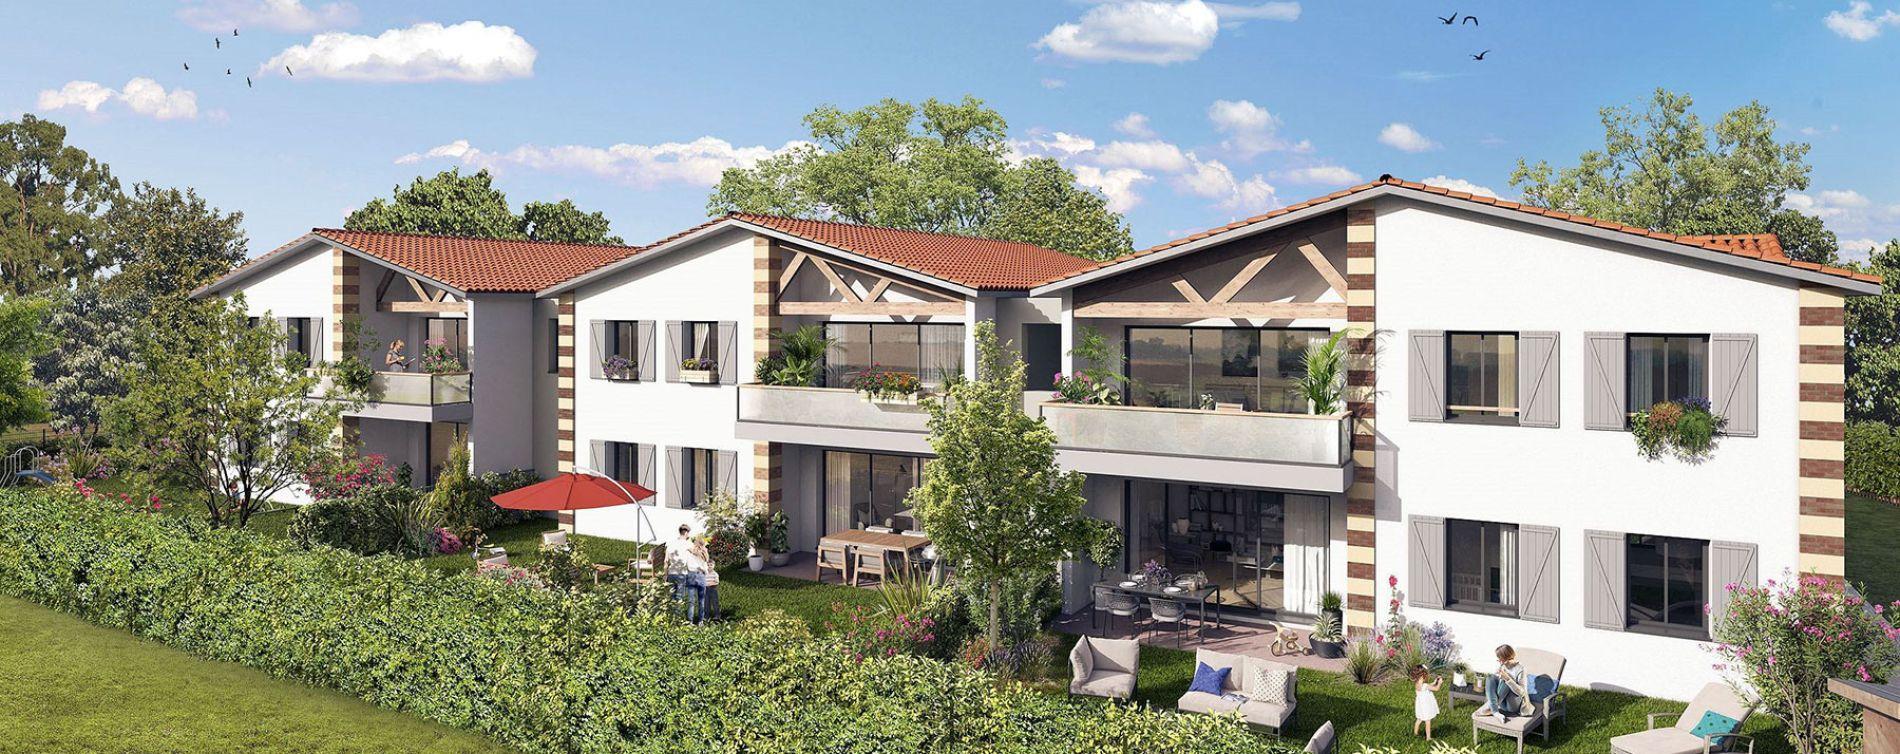 Parempuyre : programme immobilier neuve « Le Clos Mademoiselle » en Loi Pinel